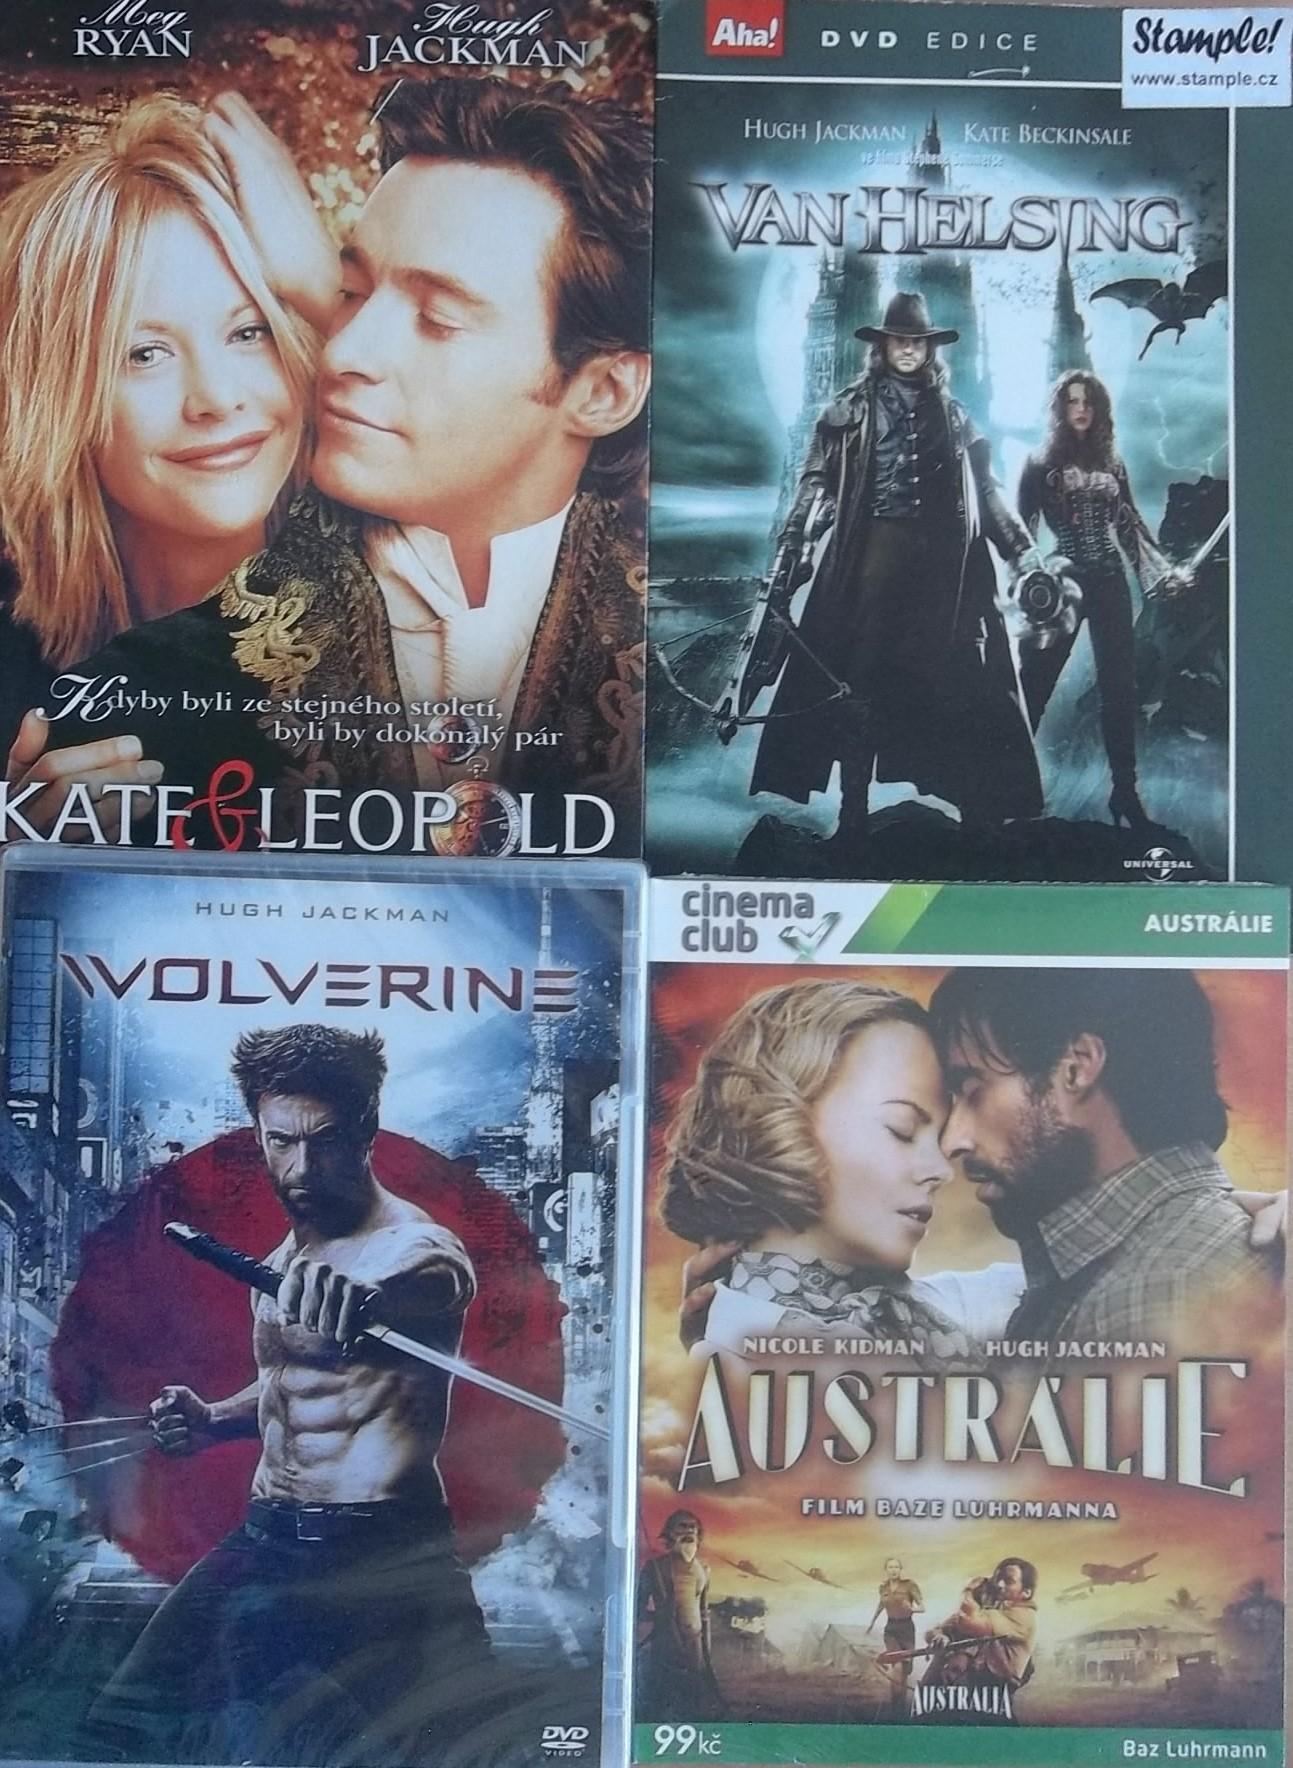 Kolekce Hugh Jackman - 4 DVD